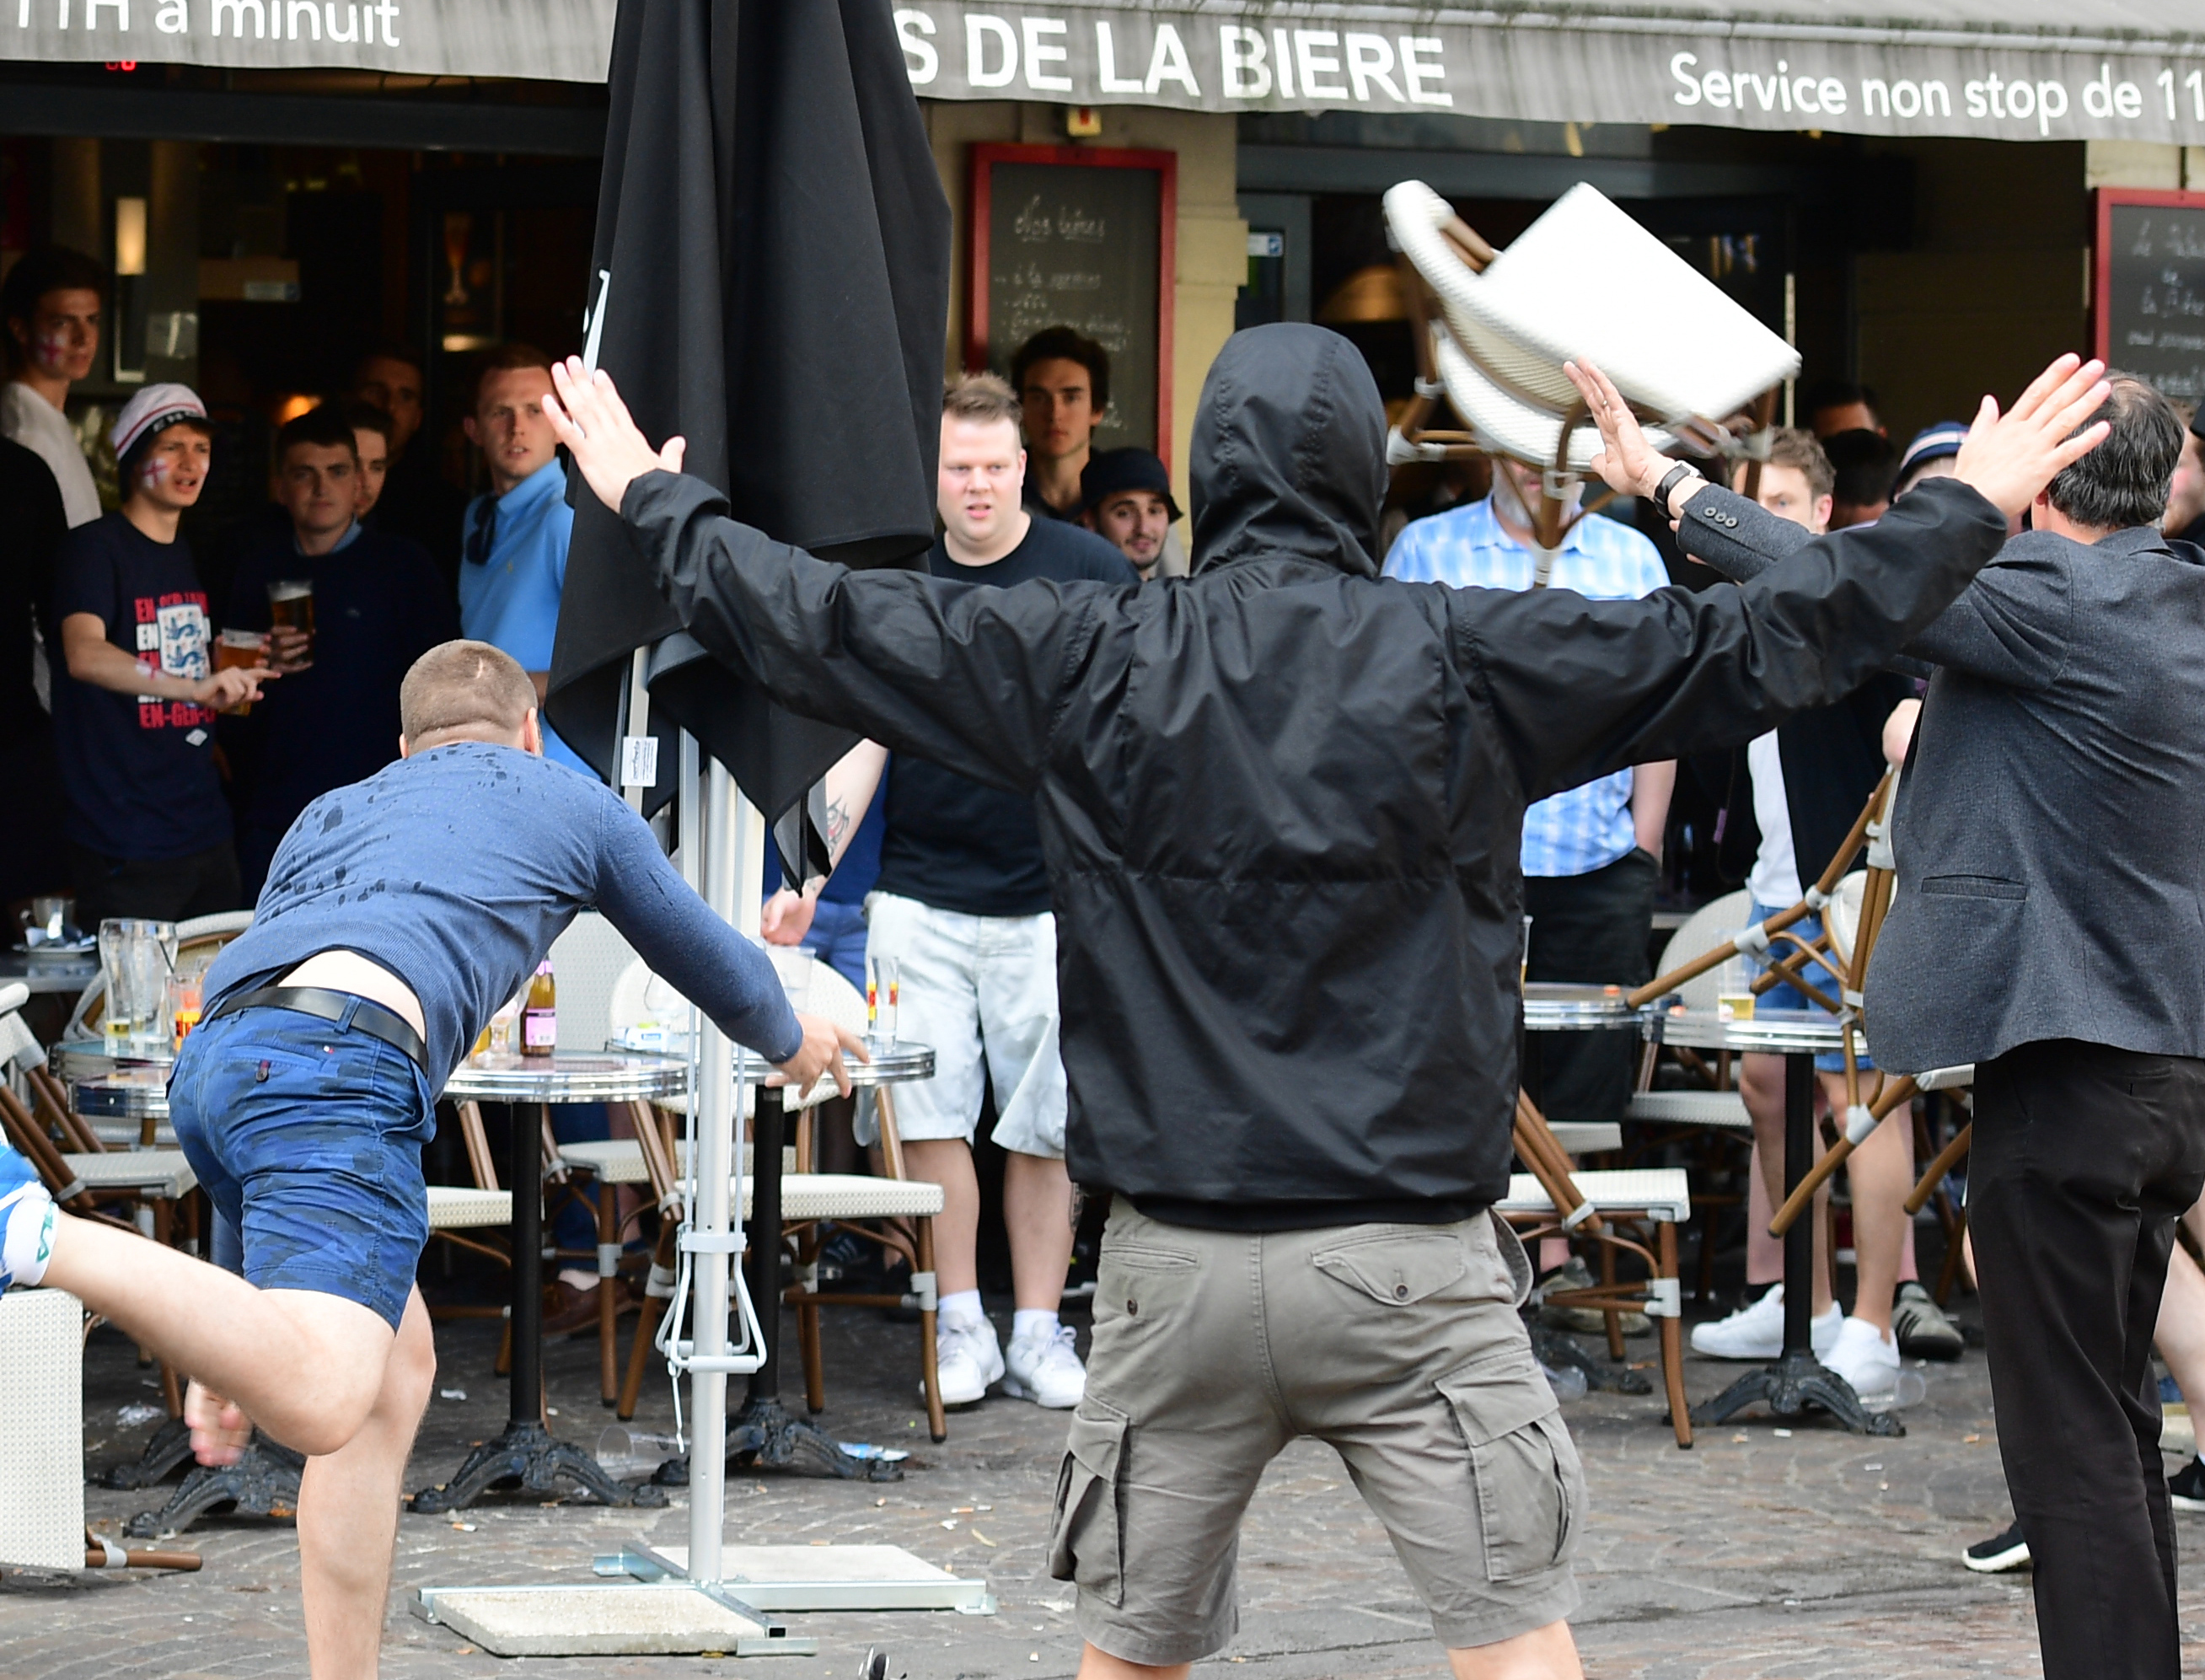 Újra verik egymást az angol és az orosz szurkolók Lille-ben